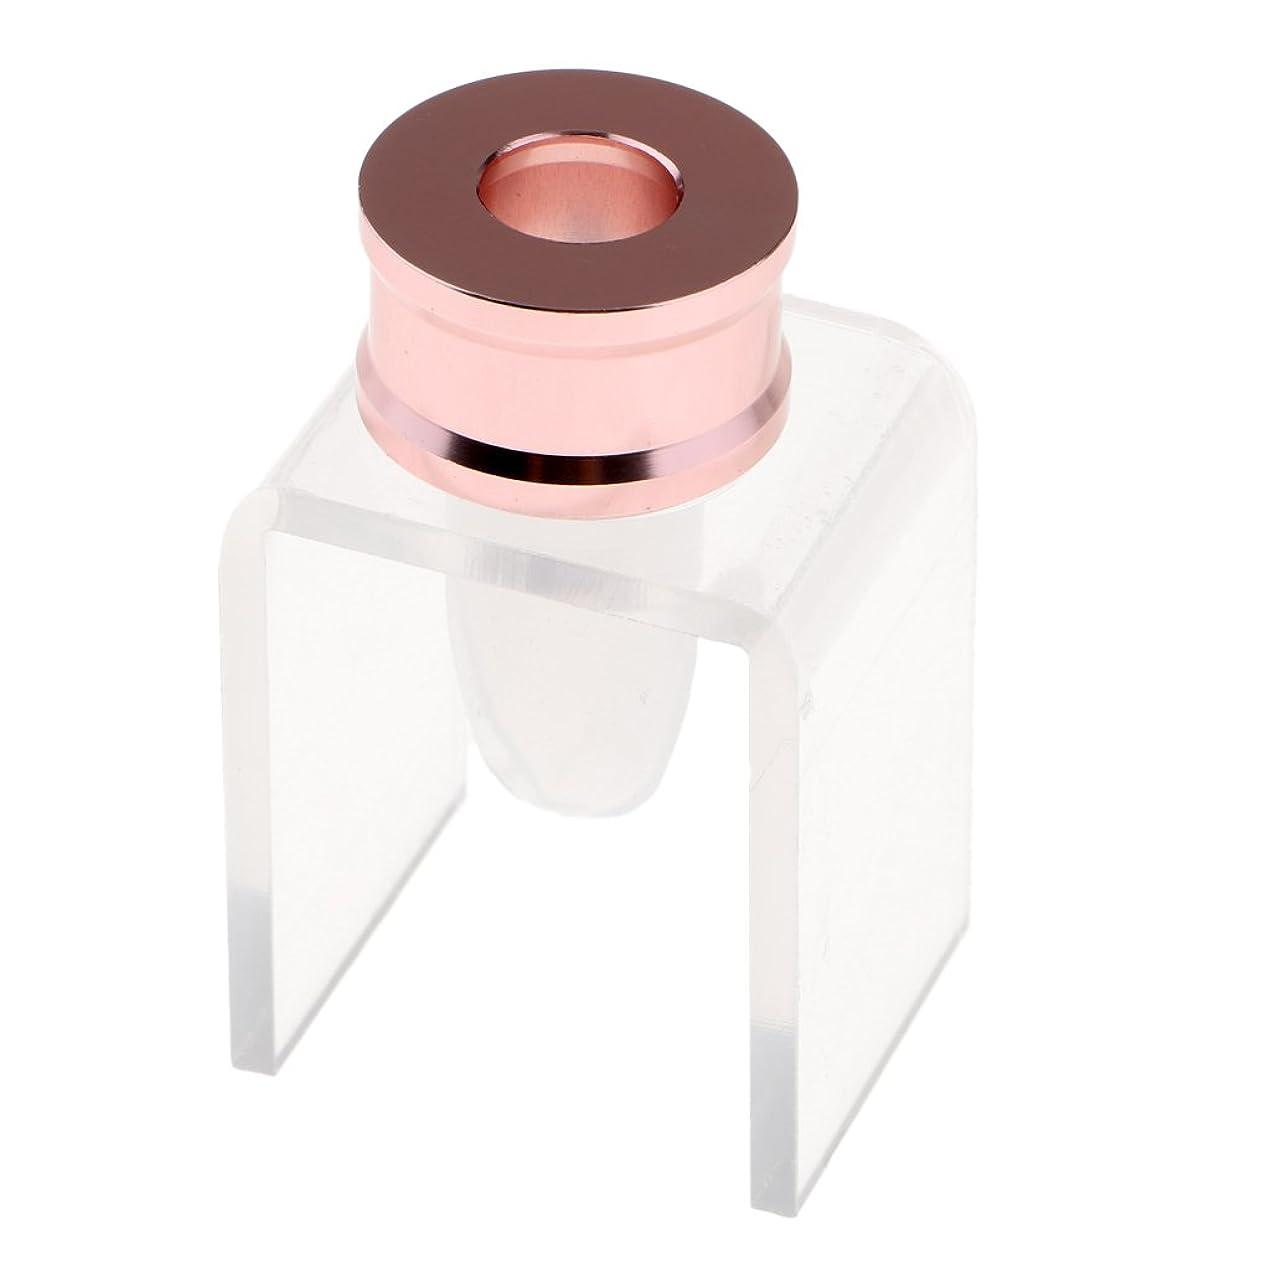 フォークズームインするファンネルウェブスパイダーKesoto リップスティック DIYセット 口紅リング 金型ホルダー リップバーム DIY 金型 ツールキット 12.1mmチューブ 7タイプ選べる - #5